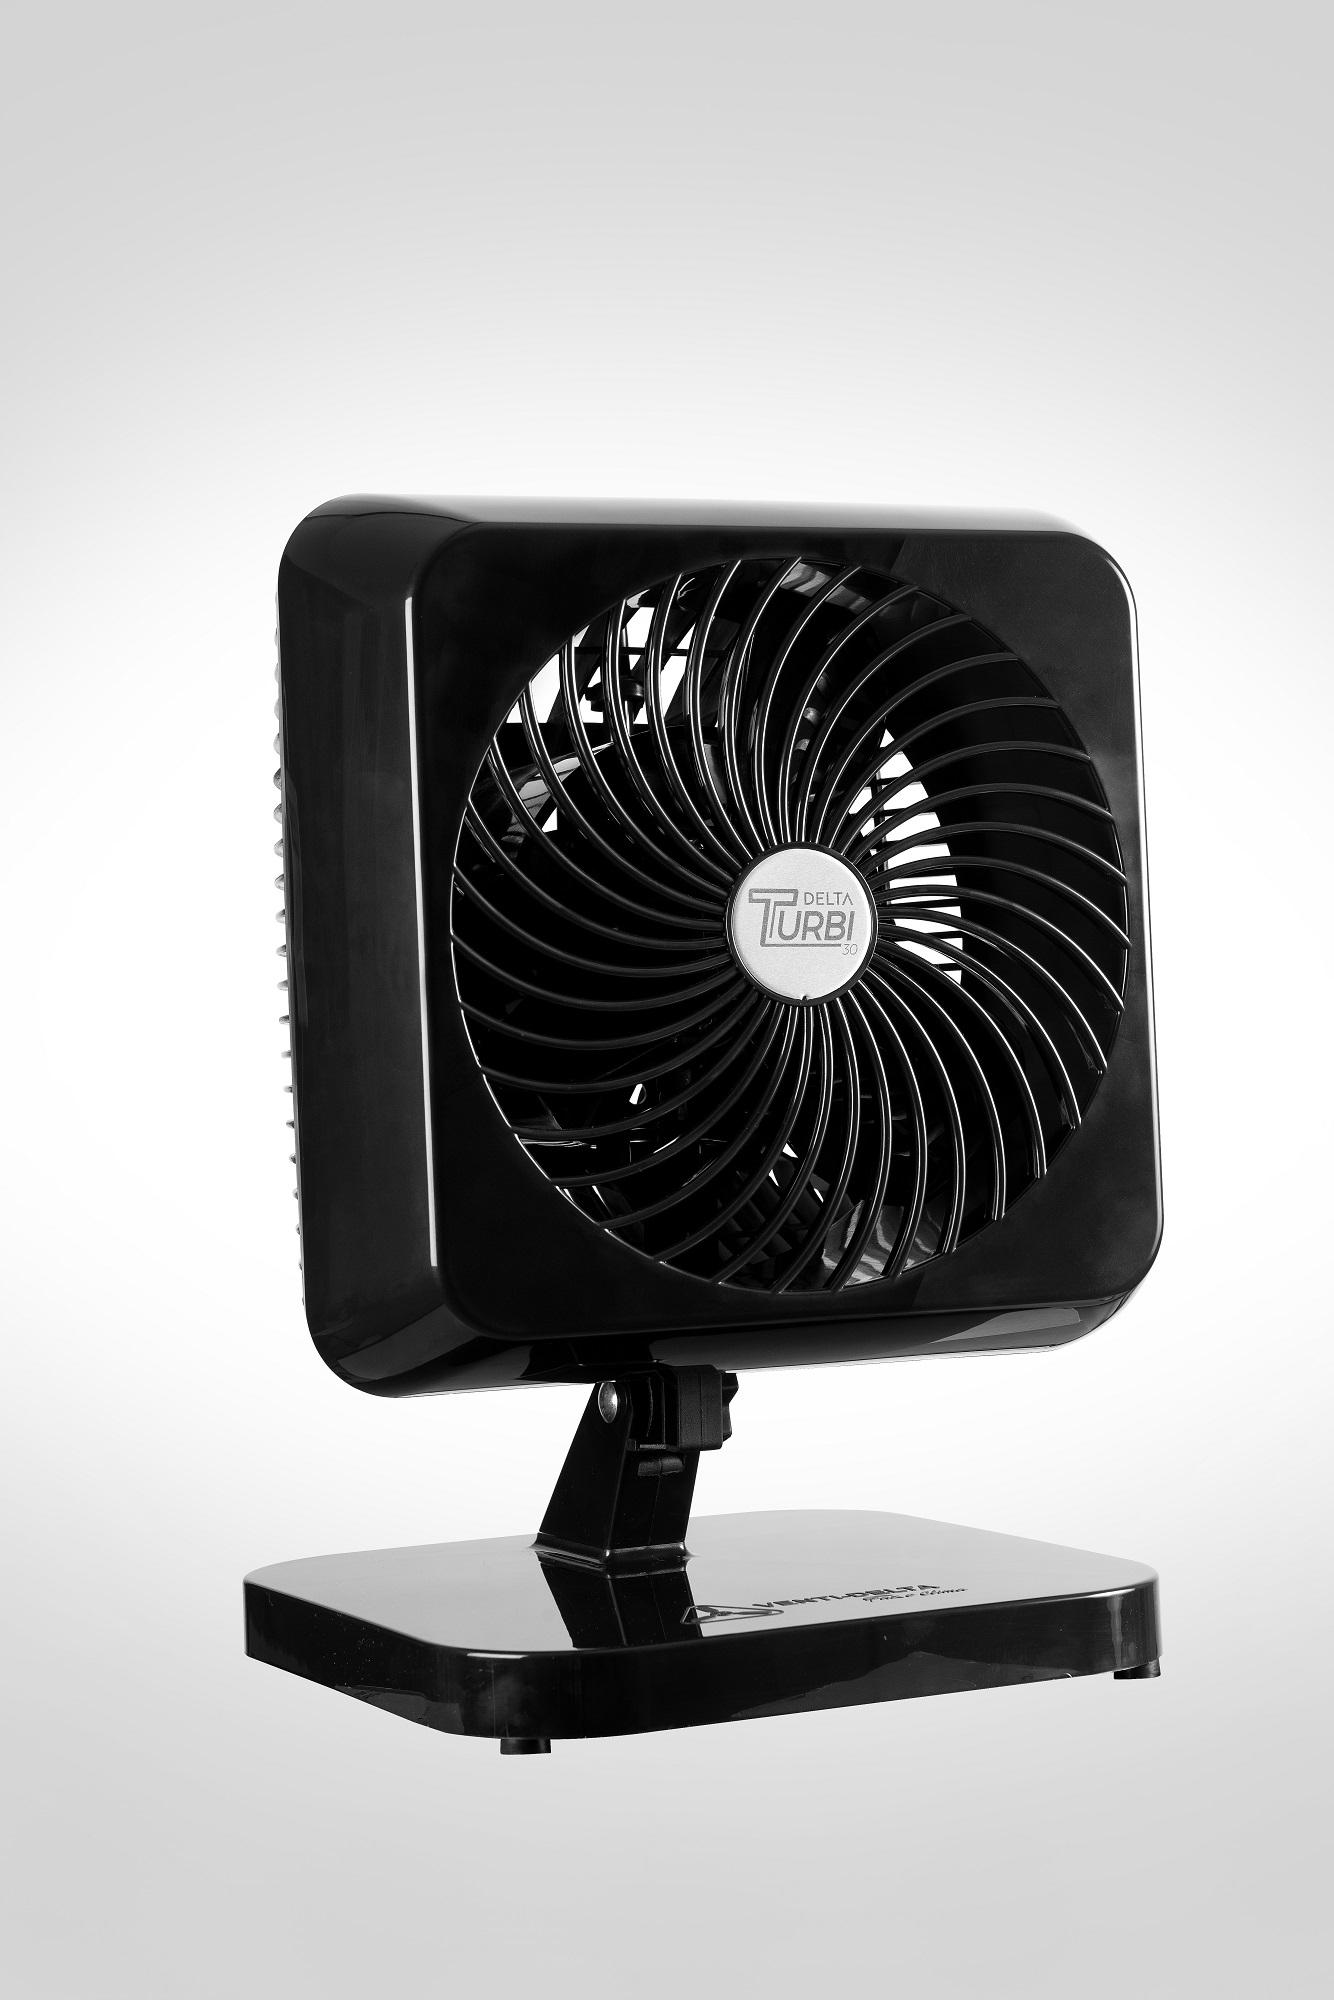 Ventilador Oscilante Turbi Venti Delta Preto  127v